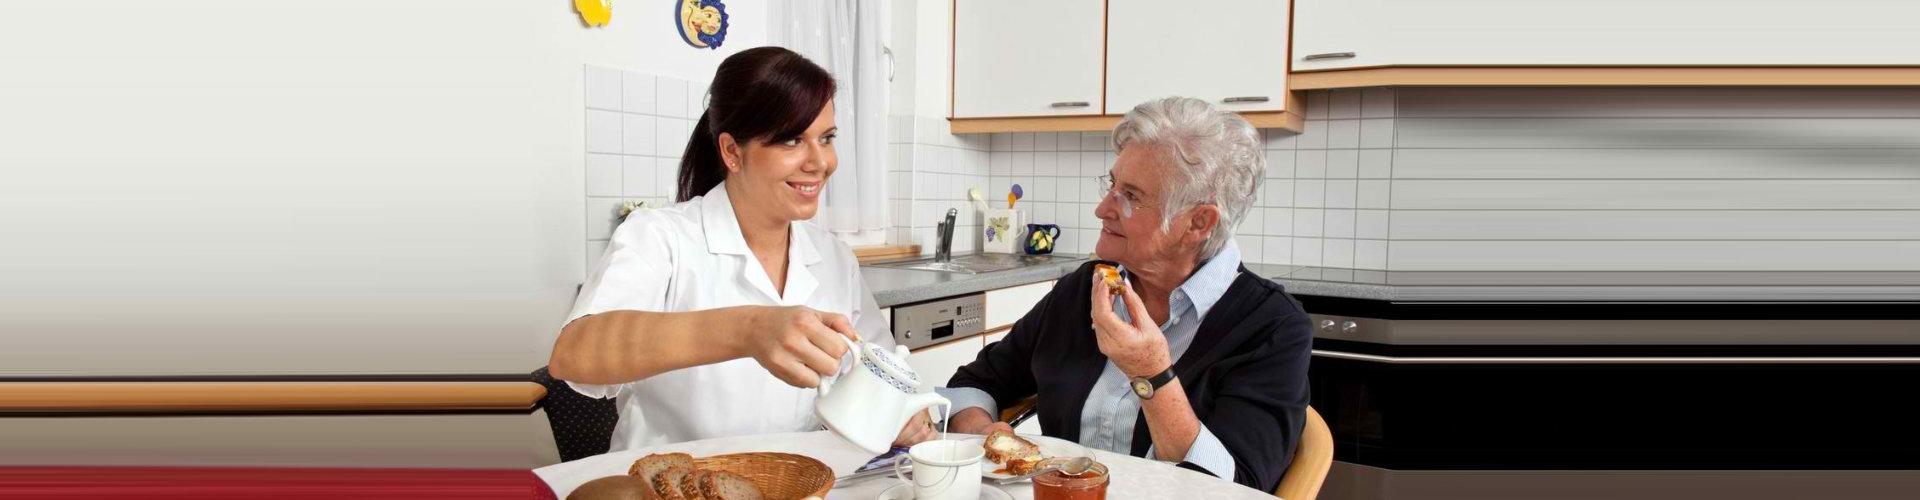 caregiver preparing meals to senior woman wearing eyeglasses smiling